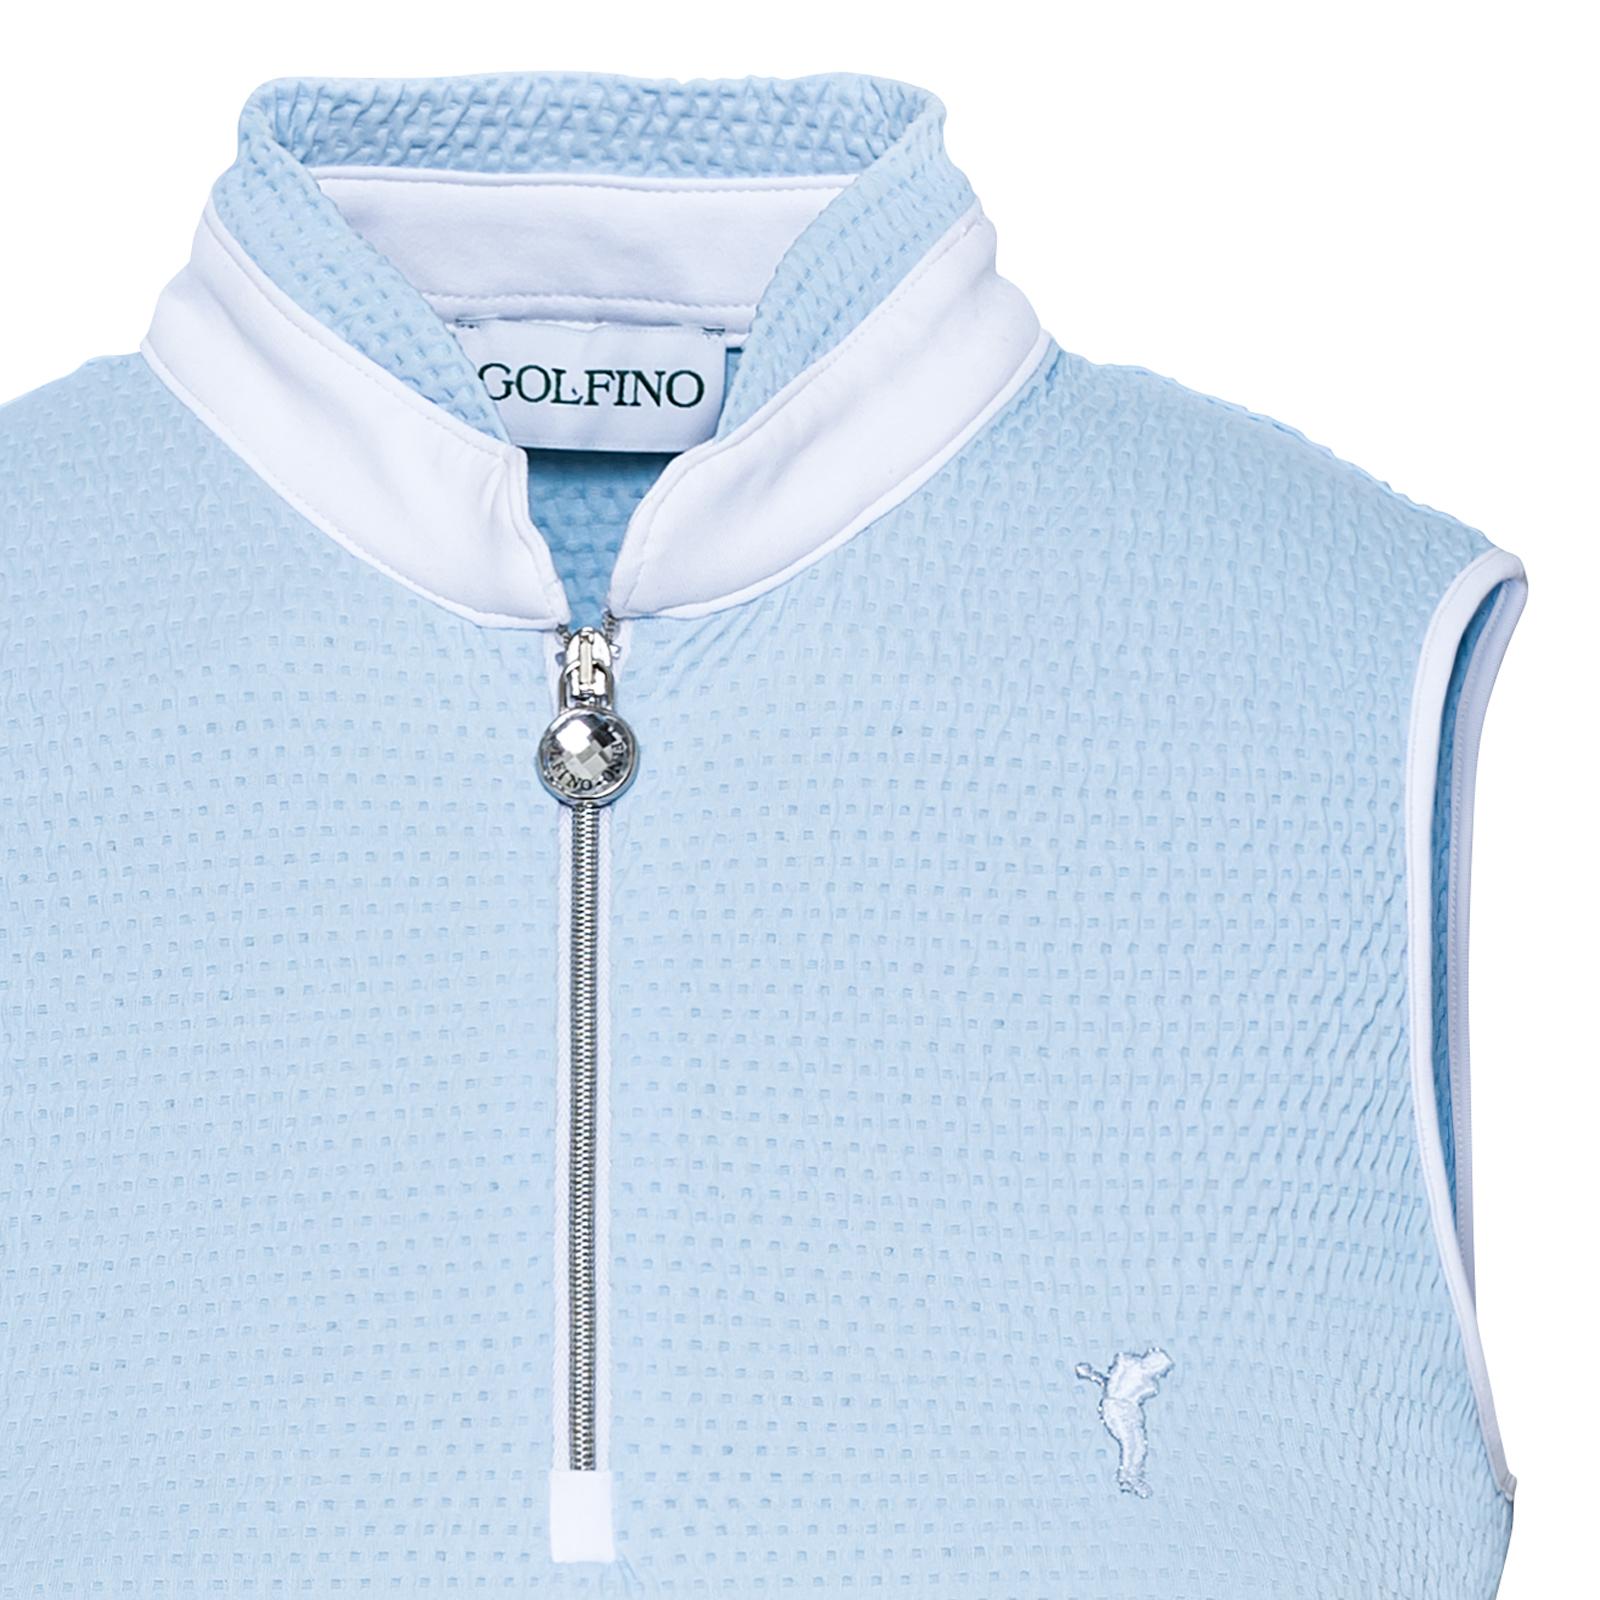 Ärmelloses Damen Golf Shirt